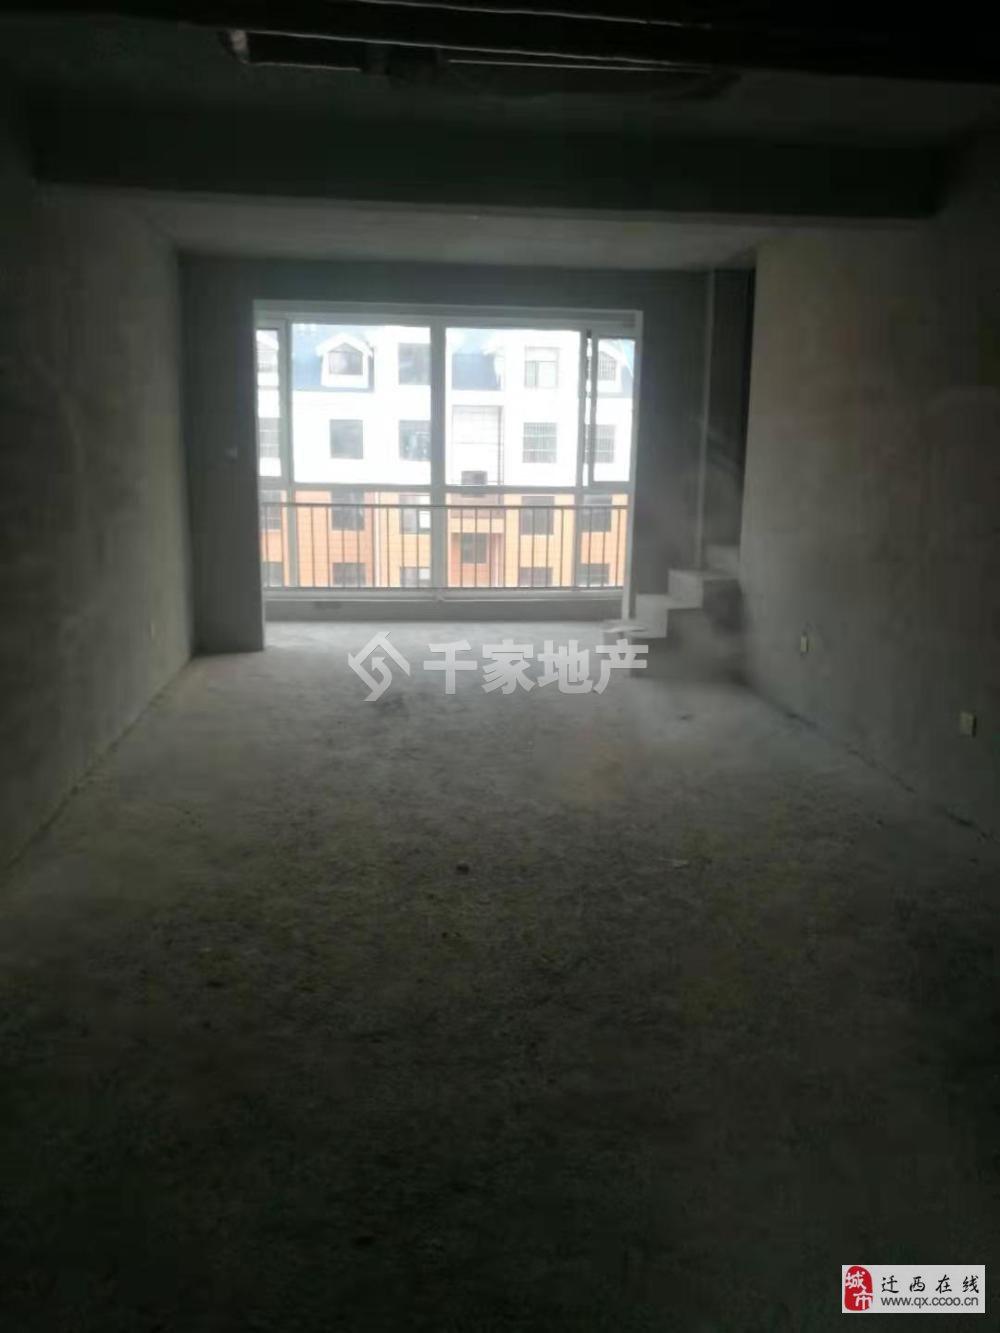 丰泽御景5室3厅2卫65万元